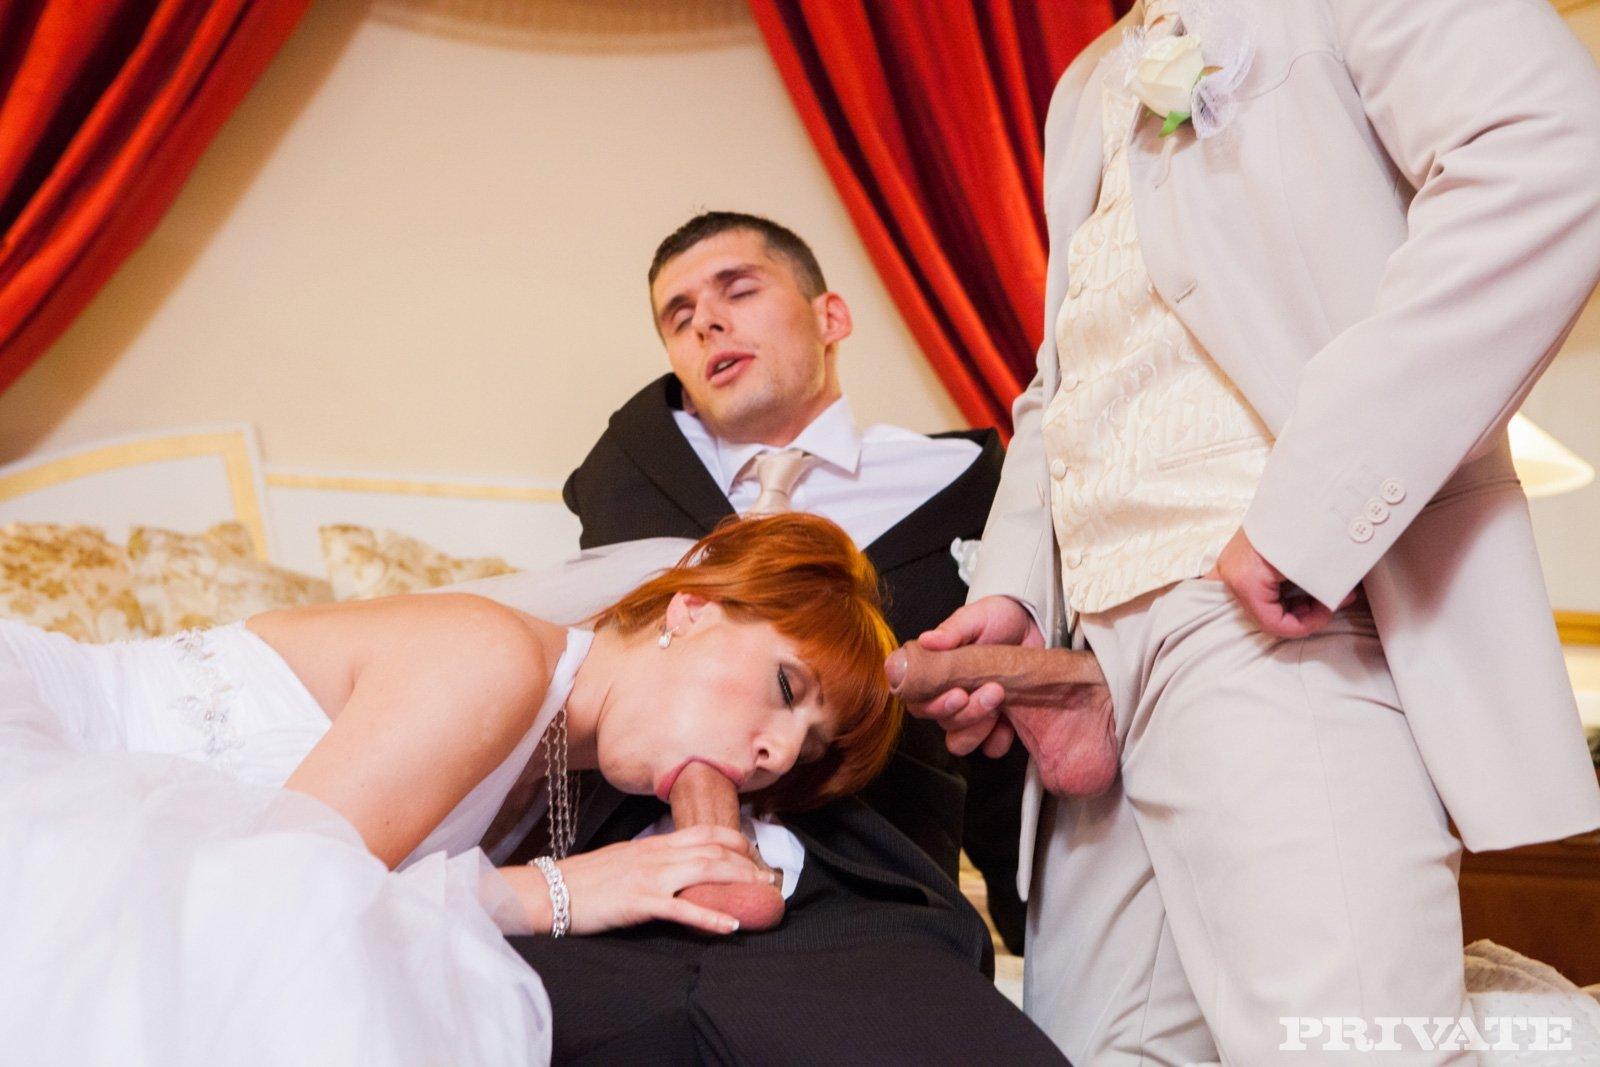 Фото порно невест с друзьями, Невеста: порно фото на Возбуждает! 15 фотография